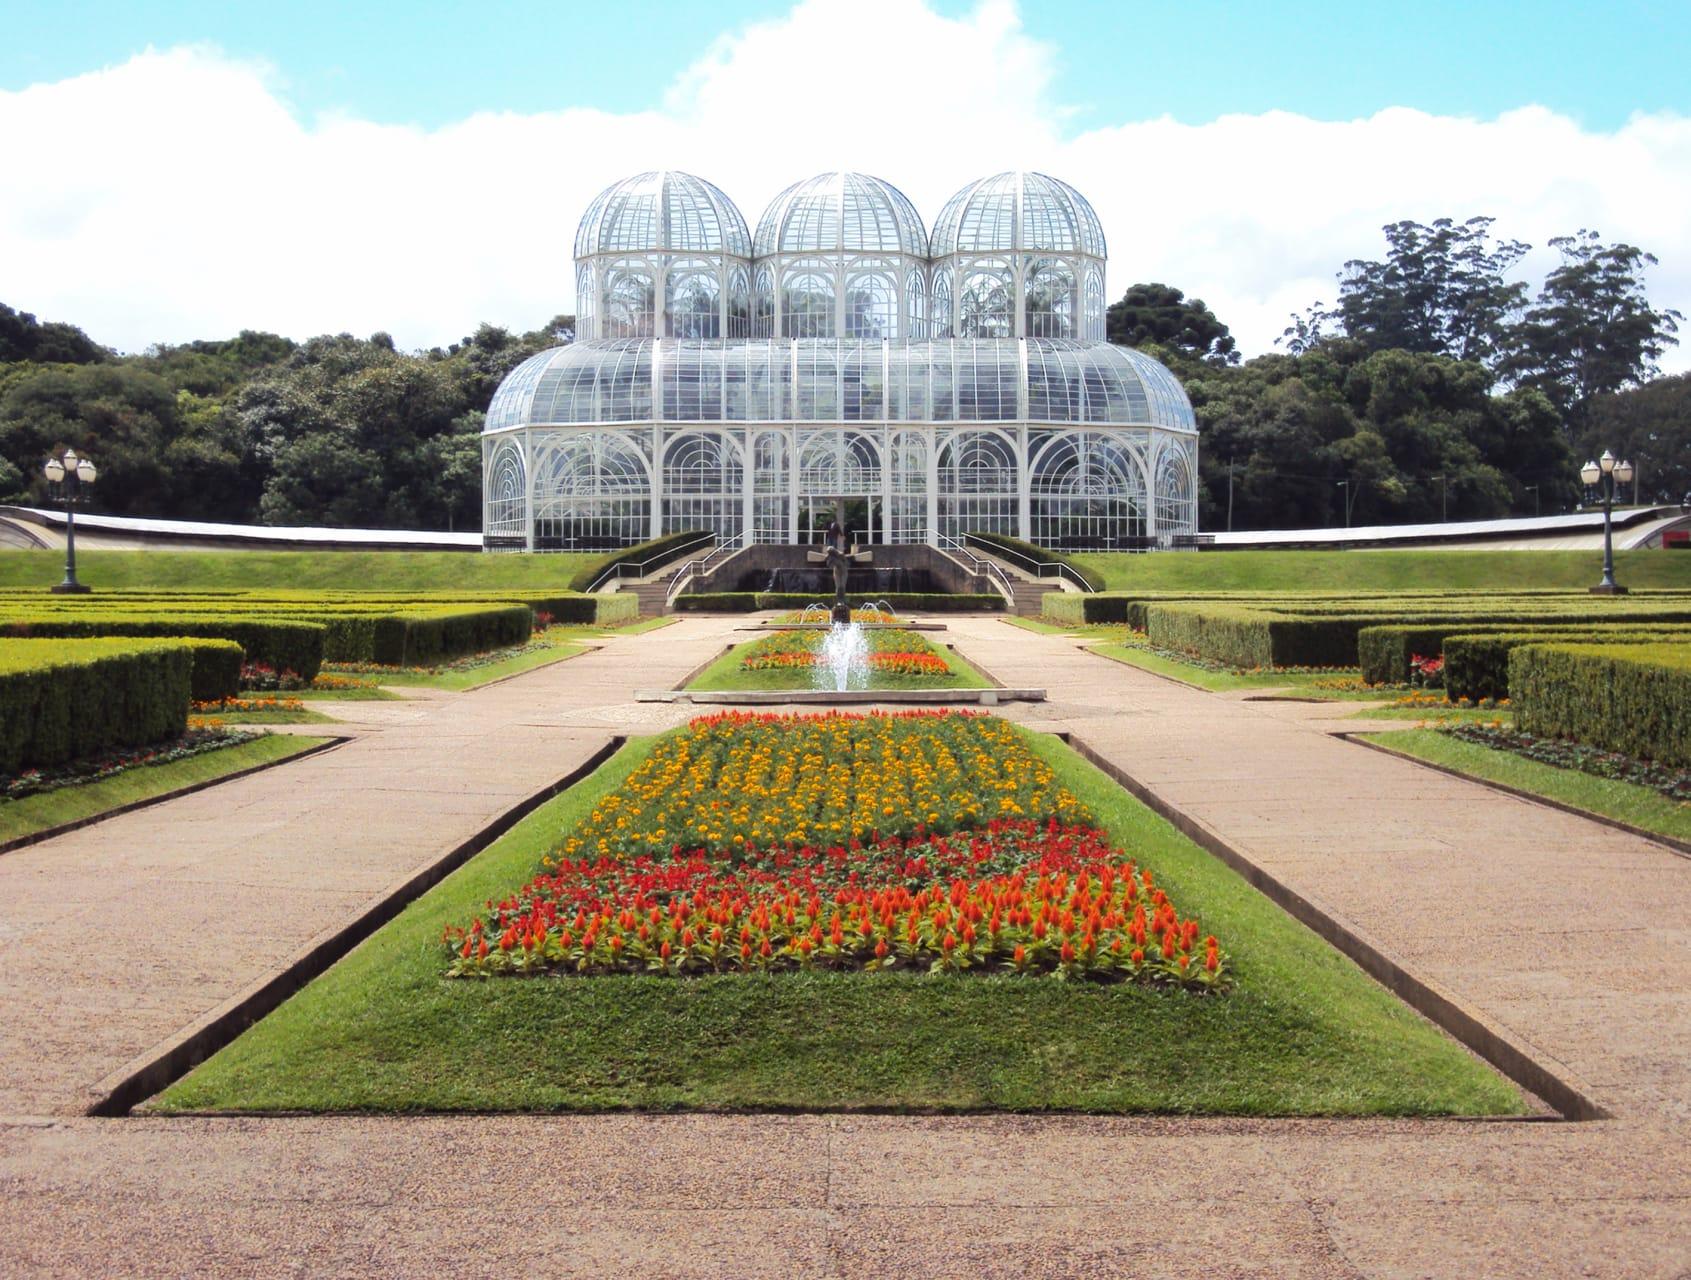 Curitiba - Botanical Garden of Curitiba